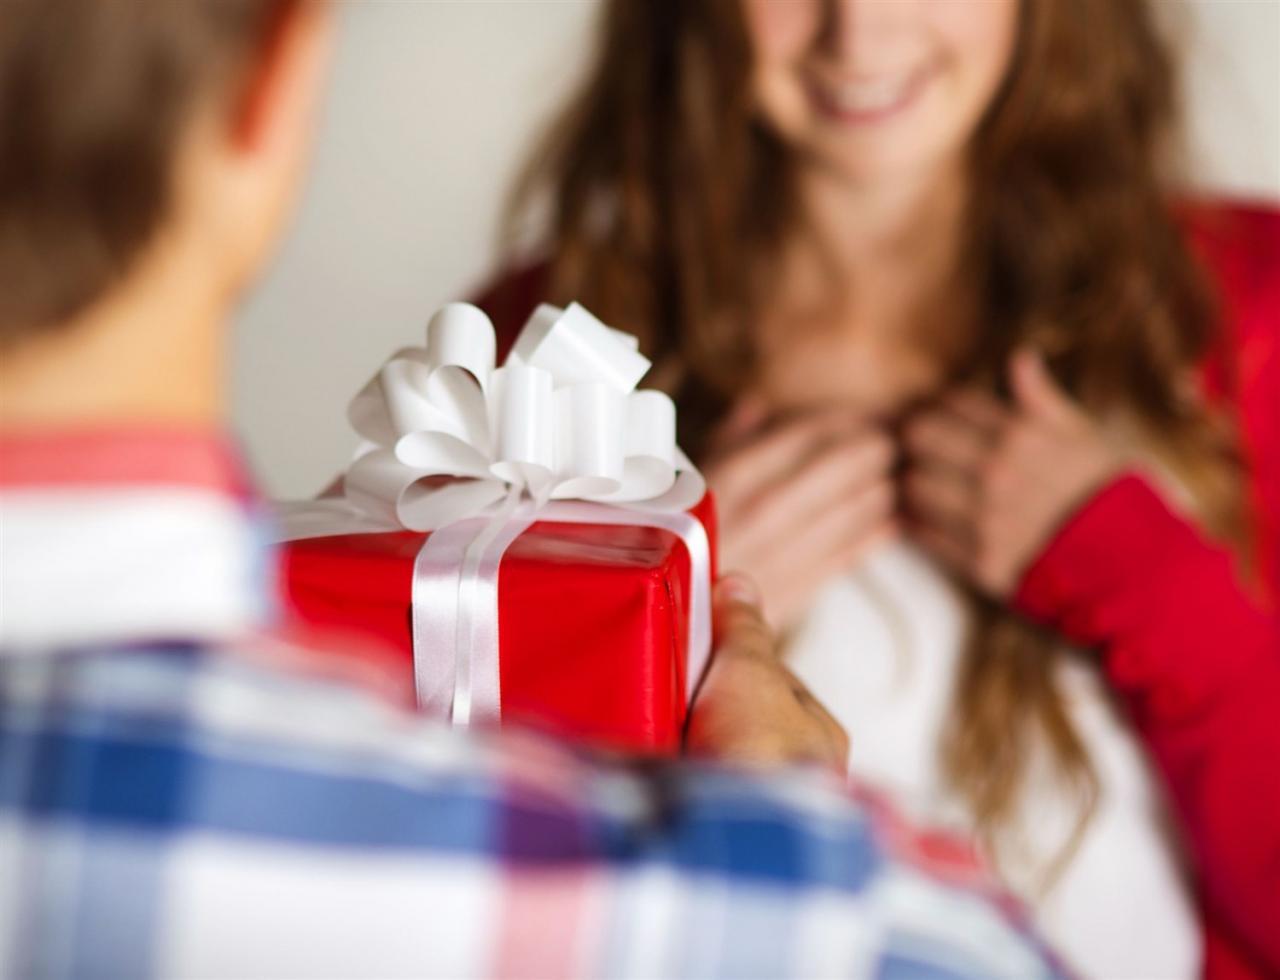 بالصور ماذا اهدي زوجتي في عيد ميلادها , هدايا قيمه للزوجه تجعلها اكثر سعاده 2228 4